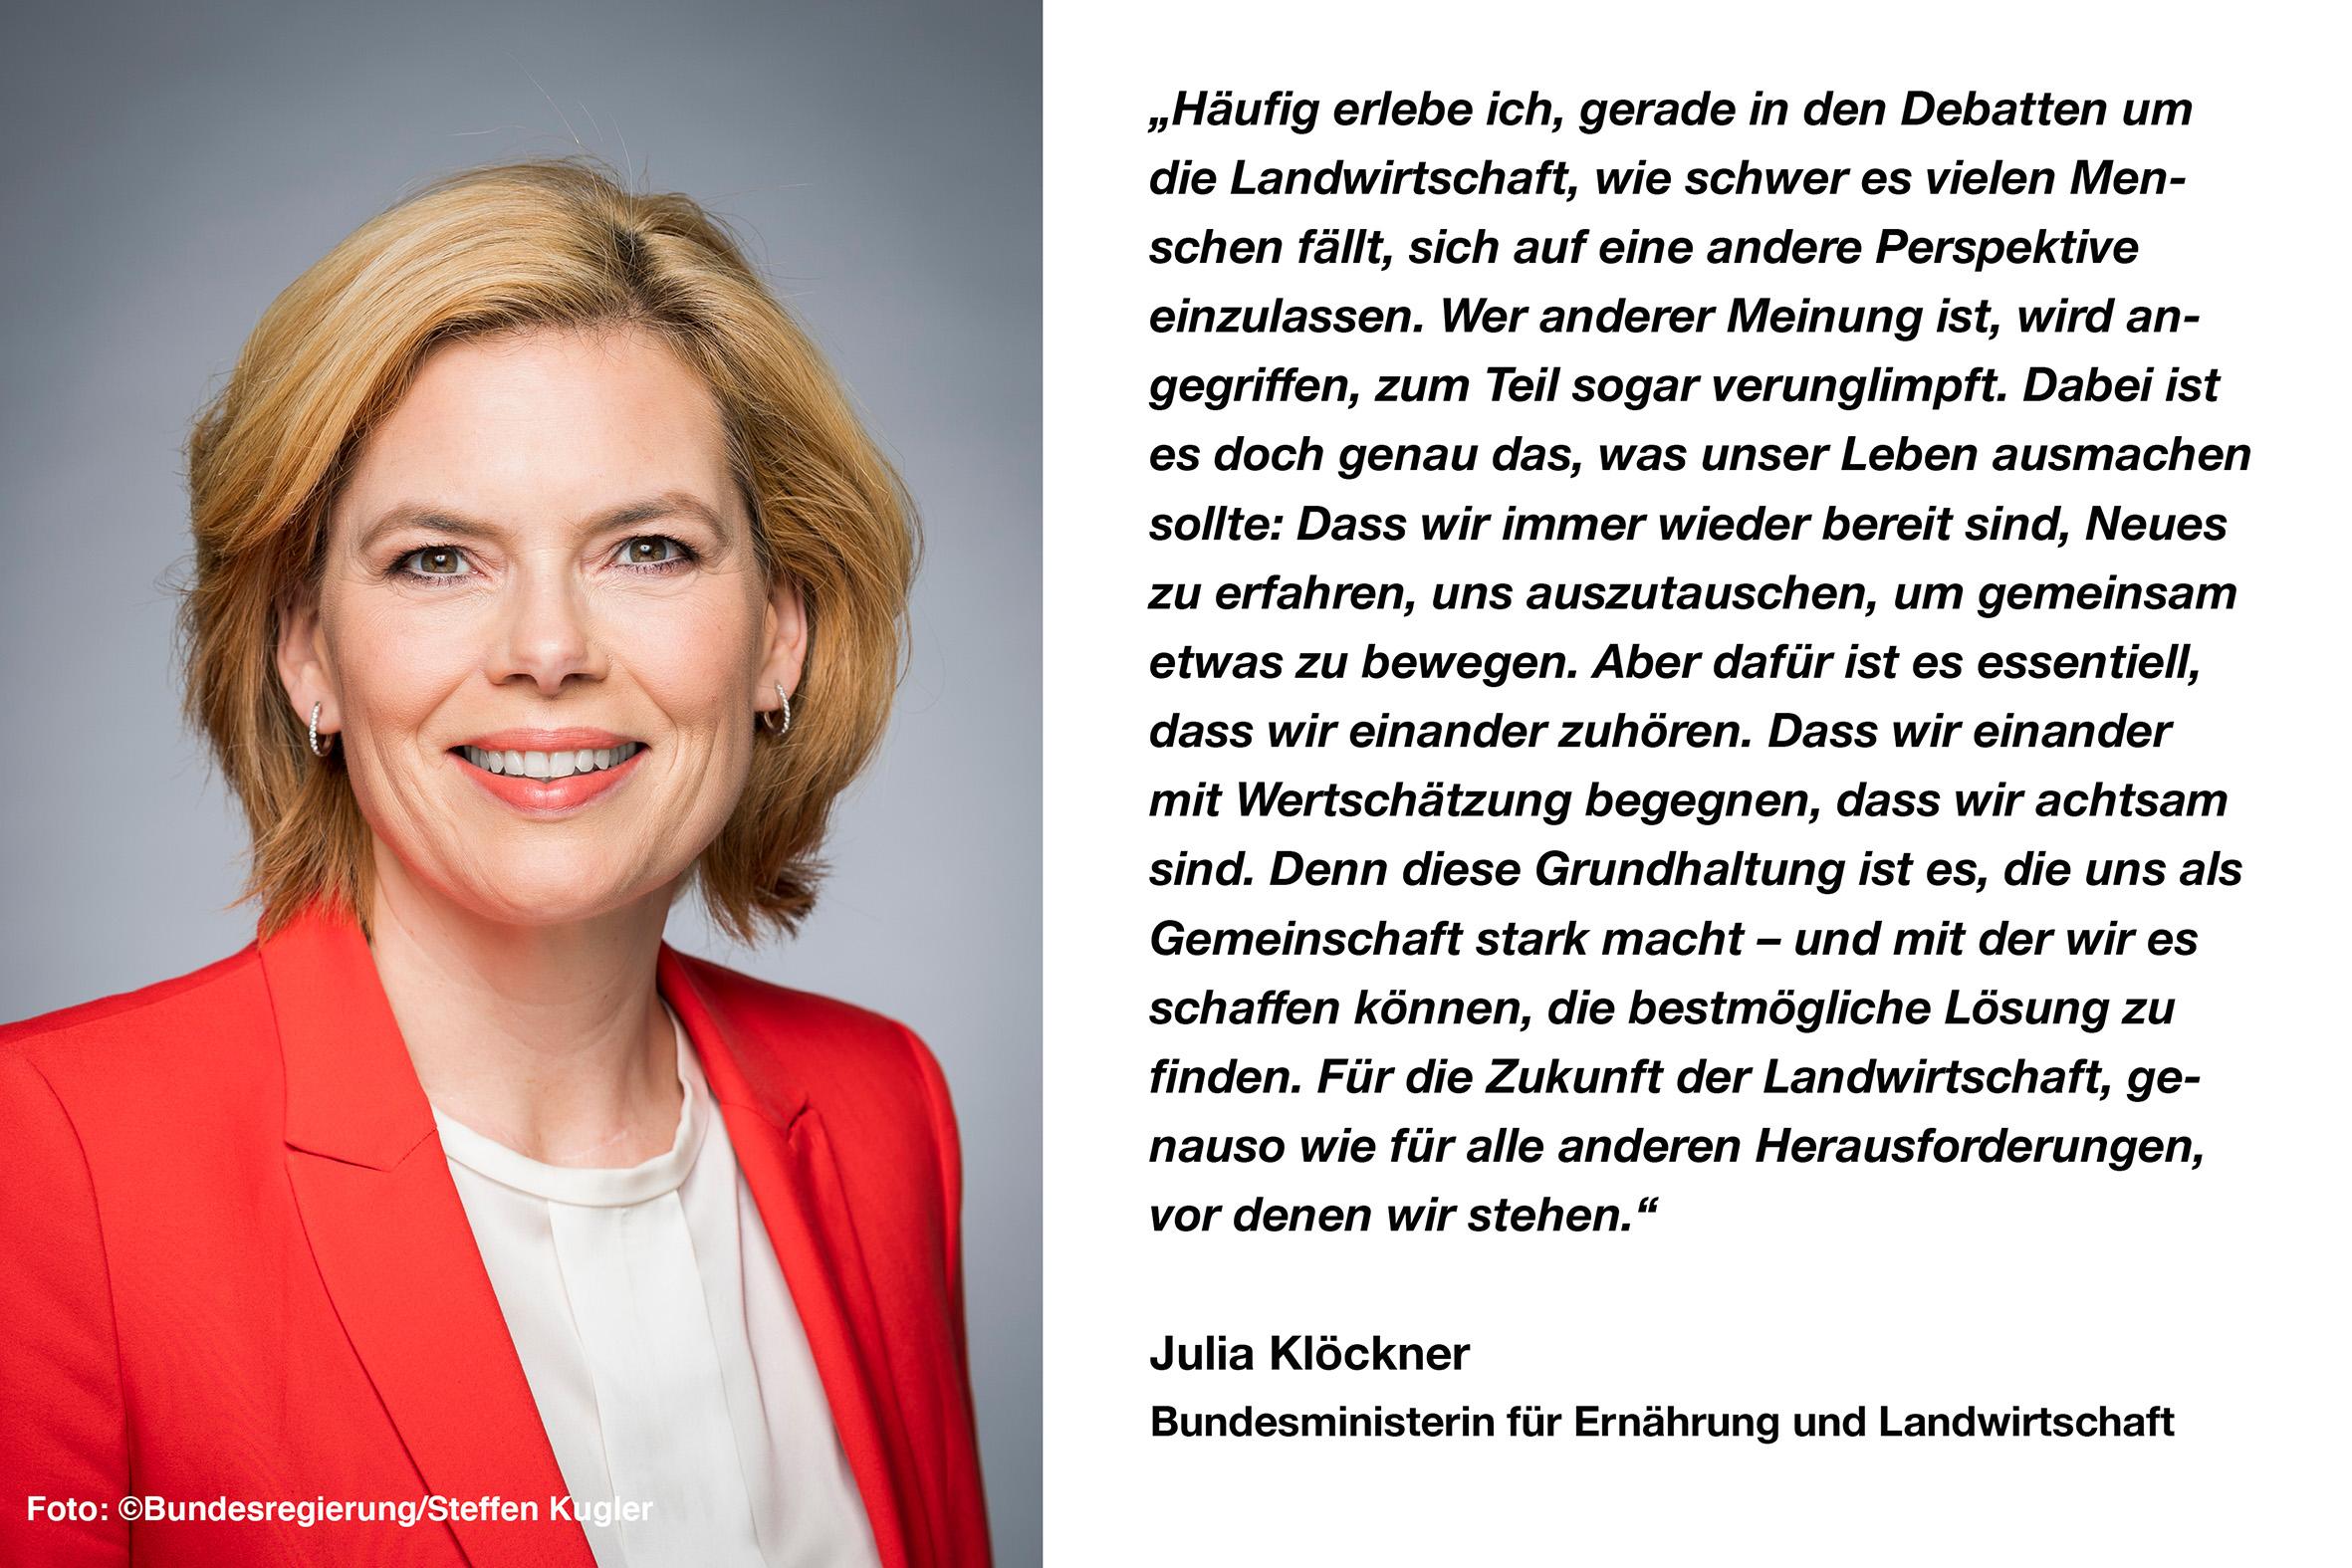 Bundesministerin Julia Klöckner